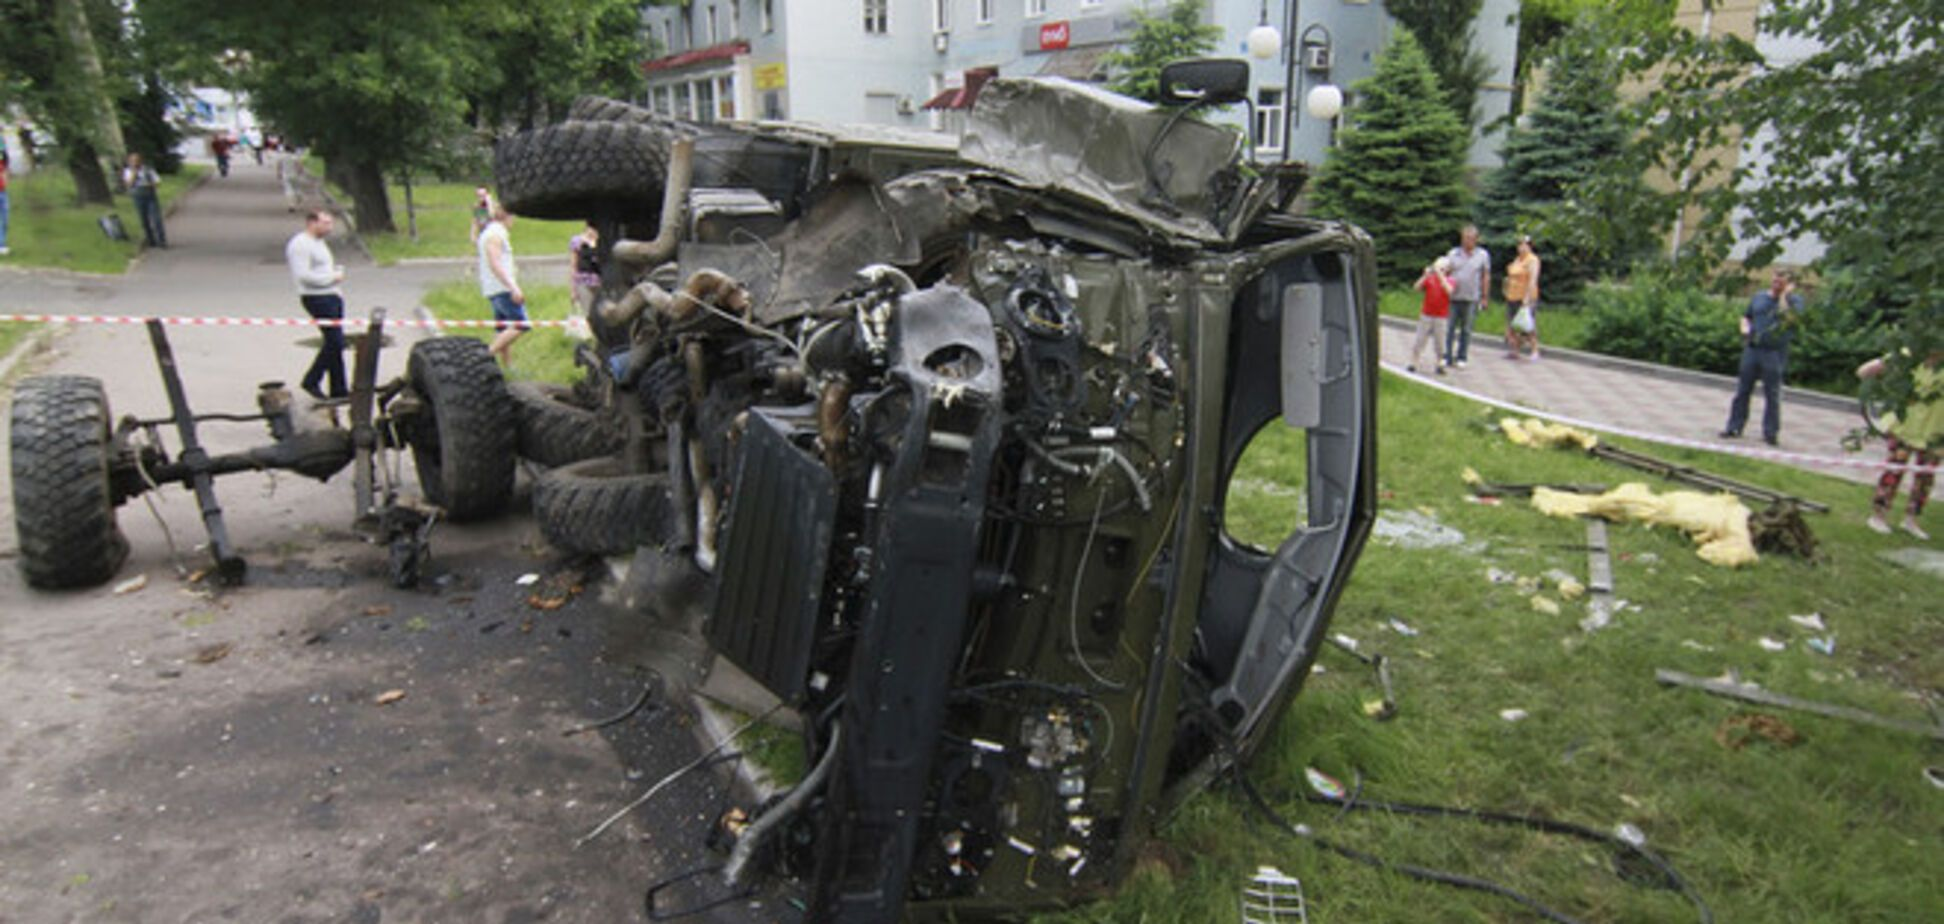 Штаб АТО подтверждает нападение террористов на воинскую часть в Артемовске